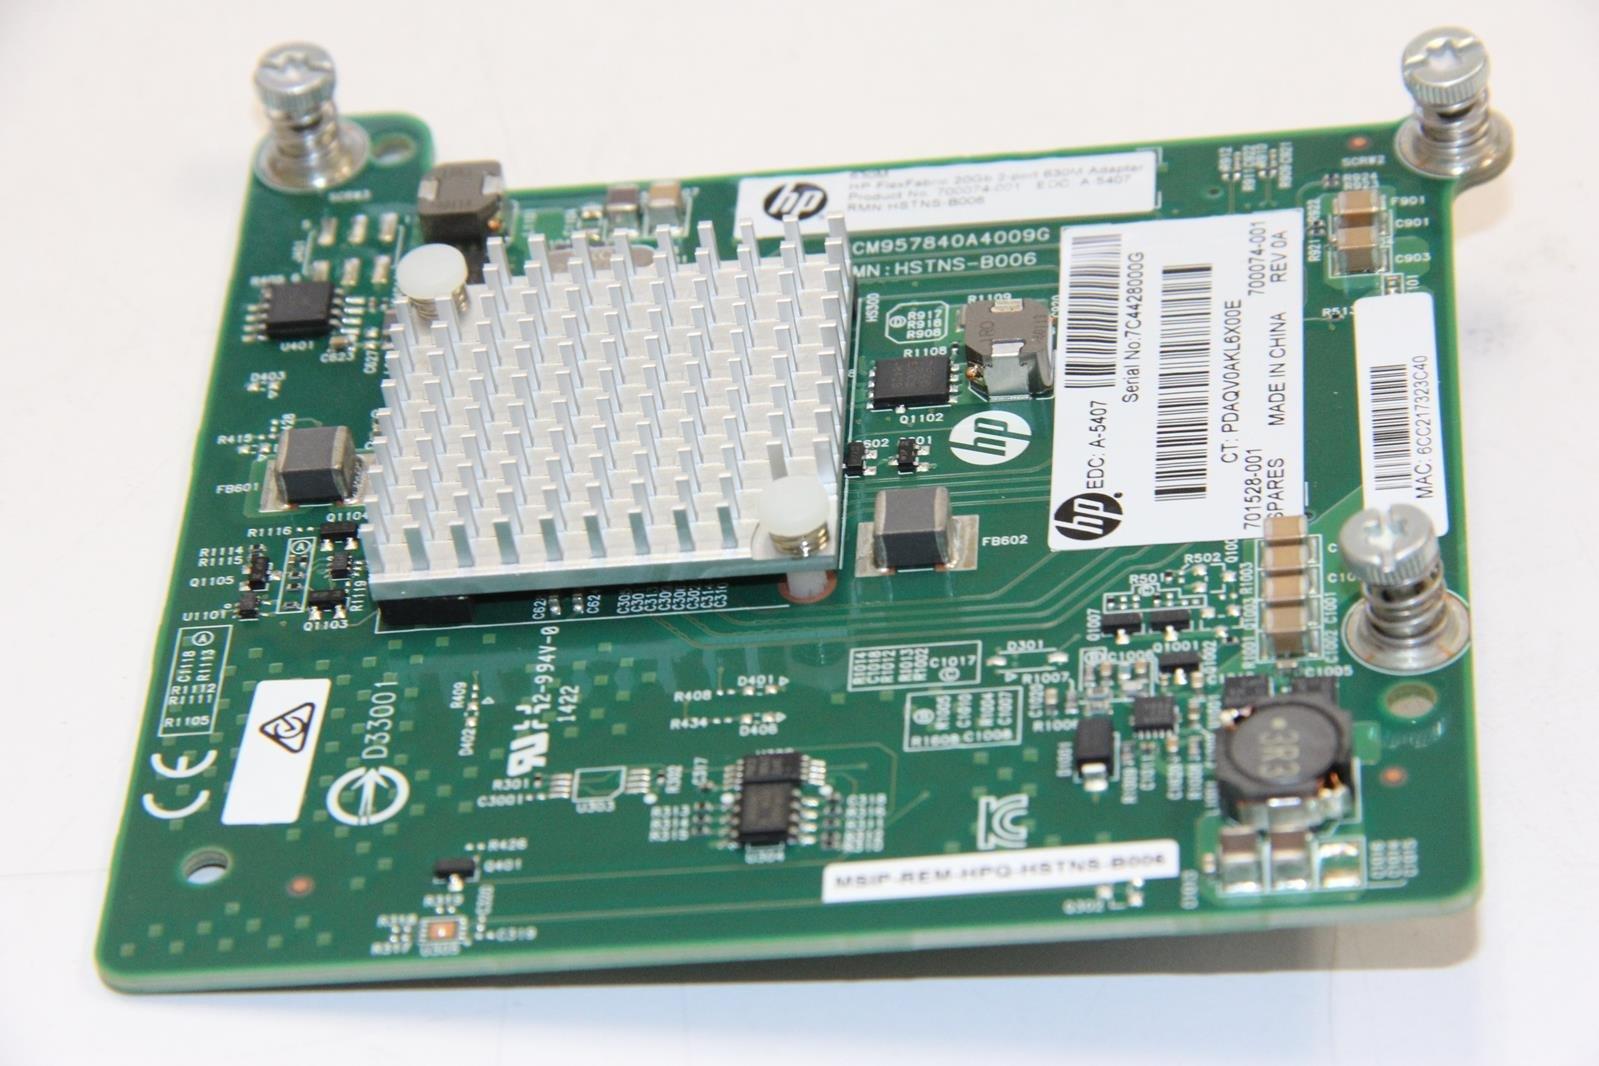 Hewlett Packard 700074-001 701528-001 Flexfabric 20Gb Dual Hewlett Packard Templates For Calendars